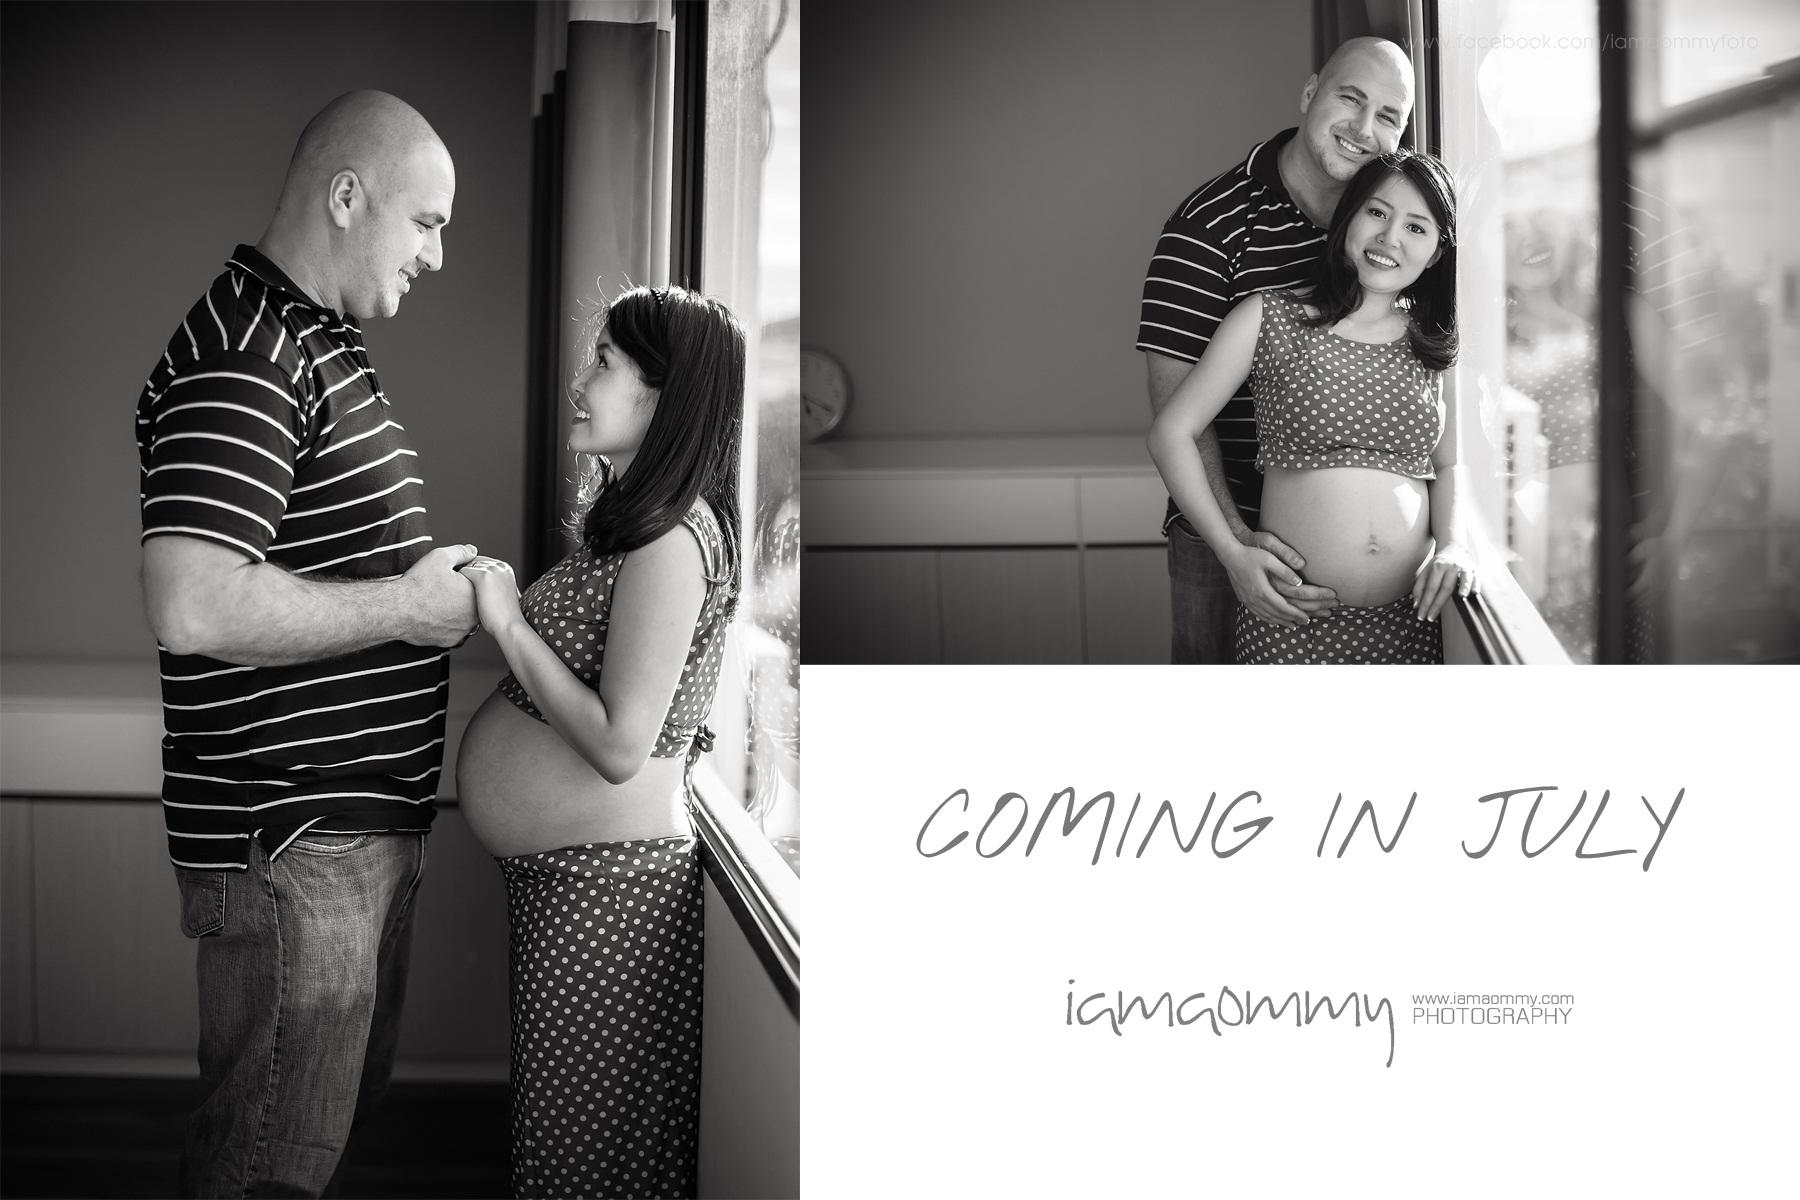 ถ่ายรูปคุณแม่ตั้งครรภ์-1